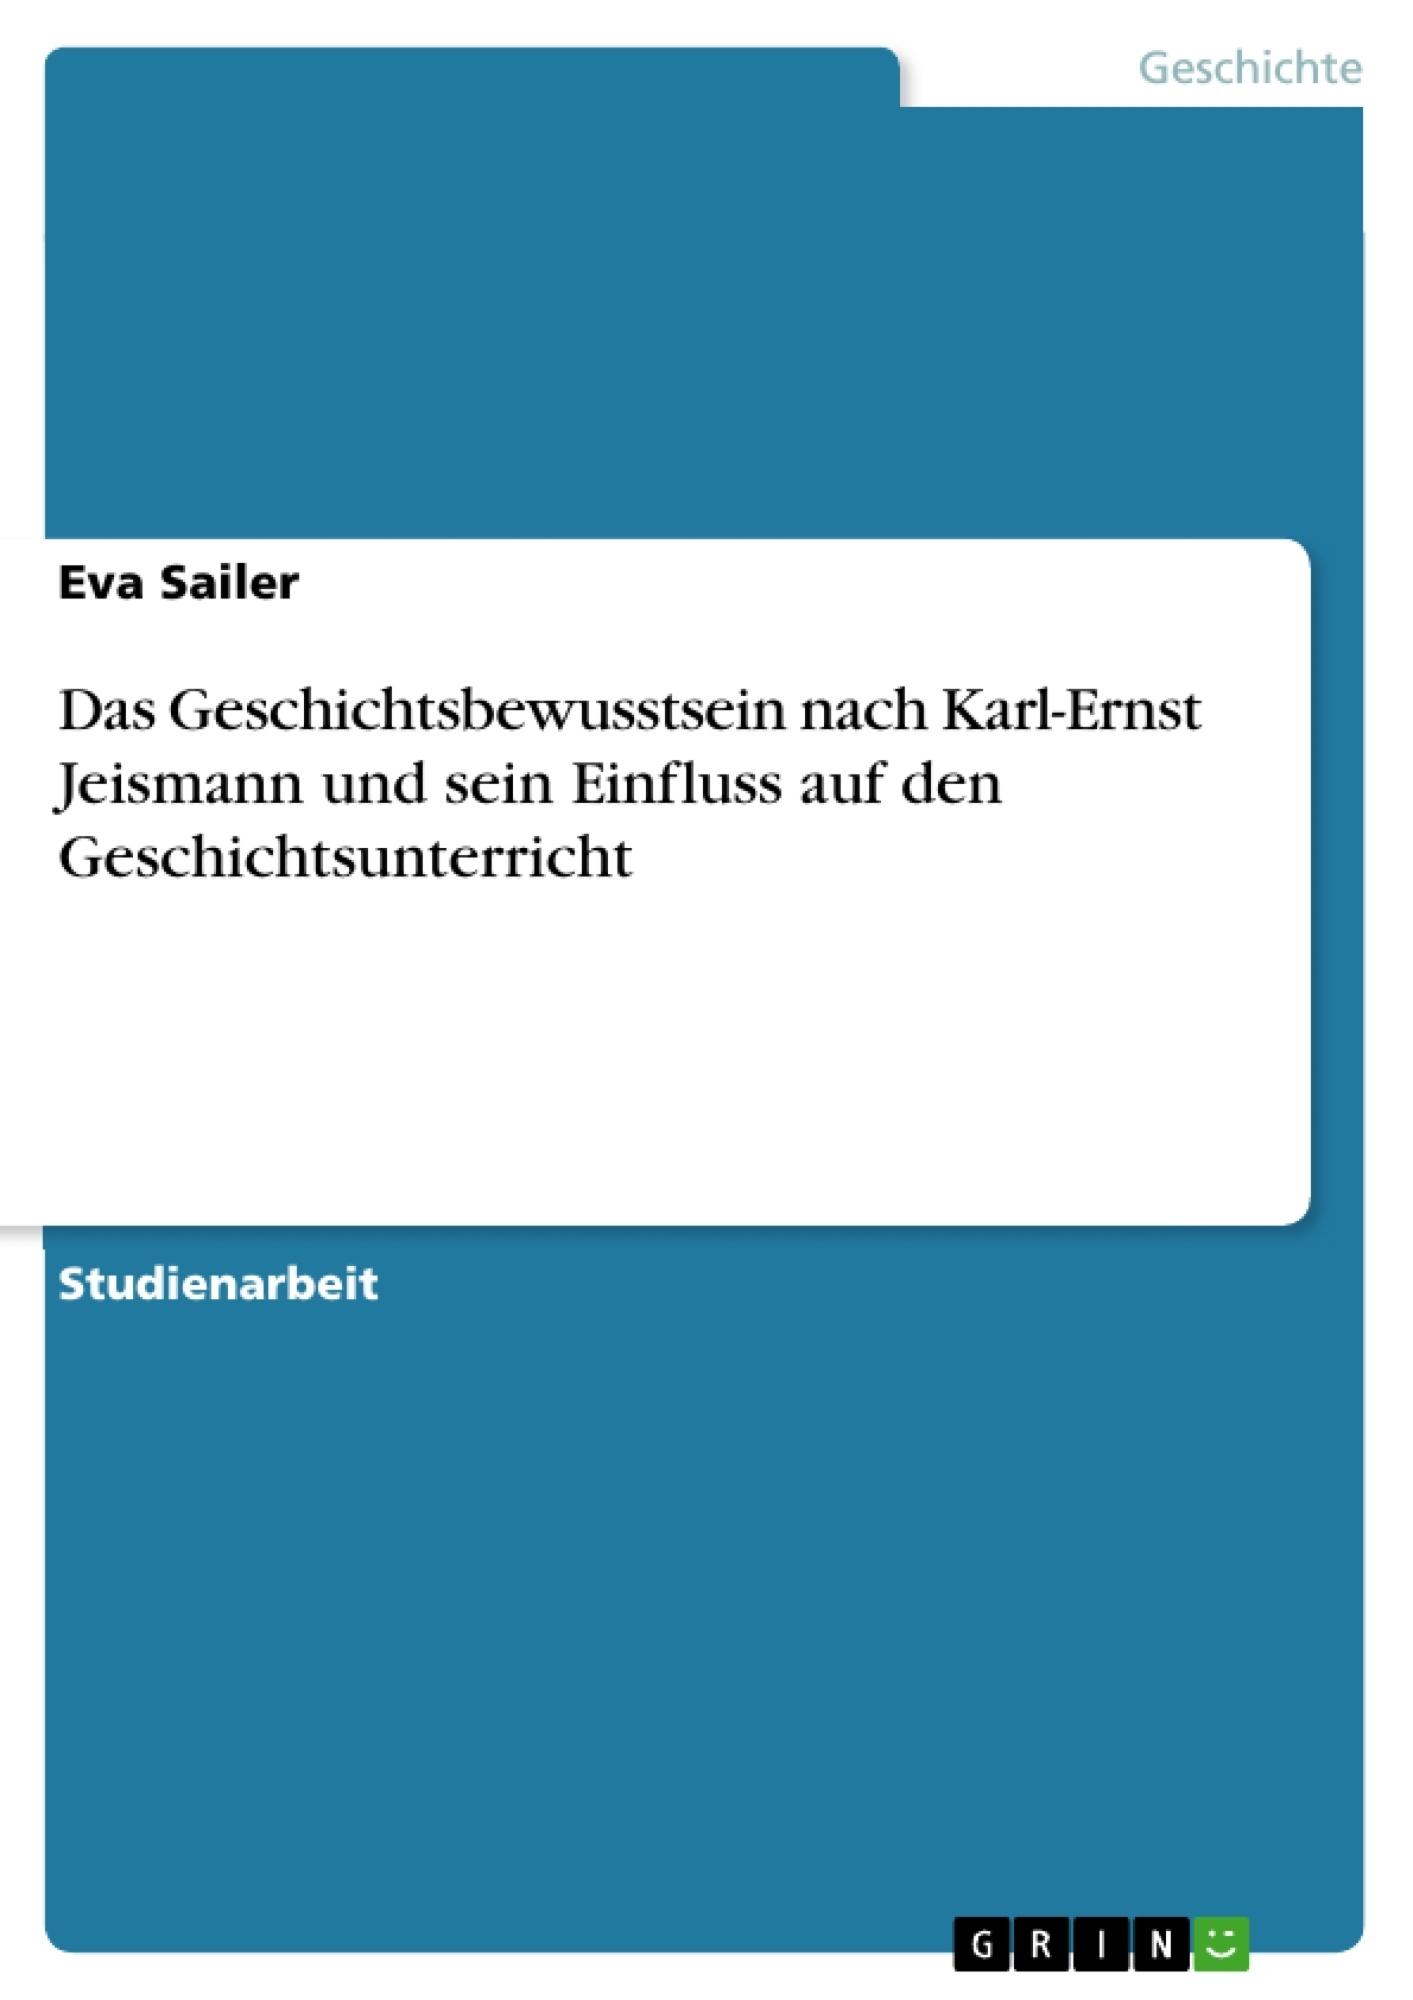 Titel: Das Geschichtsbewusstsein nach Karl-Ernst Jeismann und sein Einfluss auf den Geschichtsunterricht